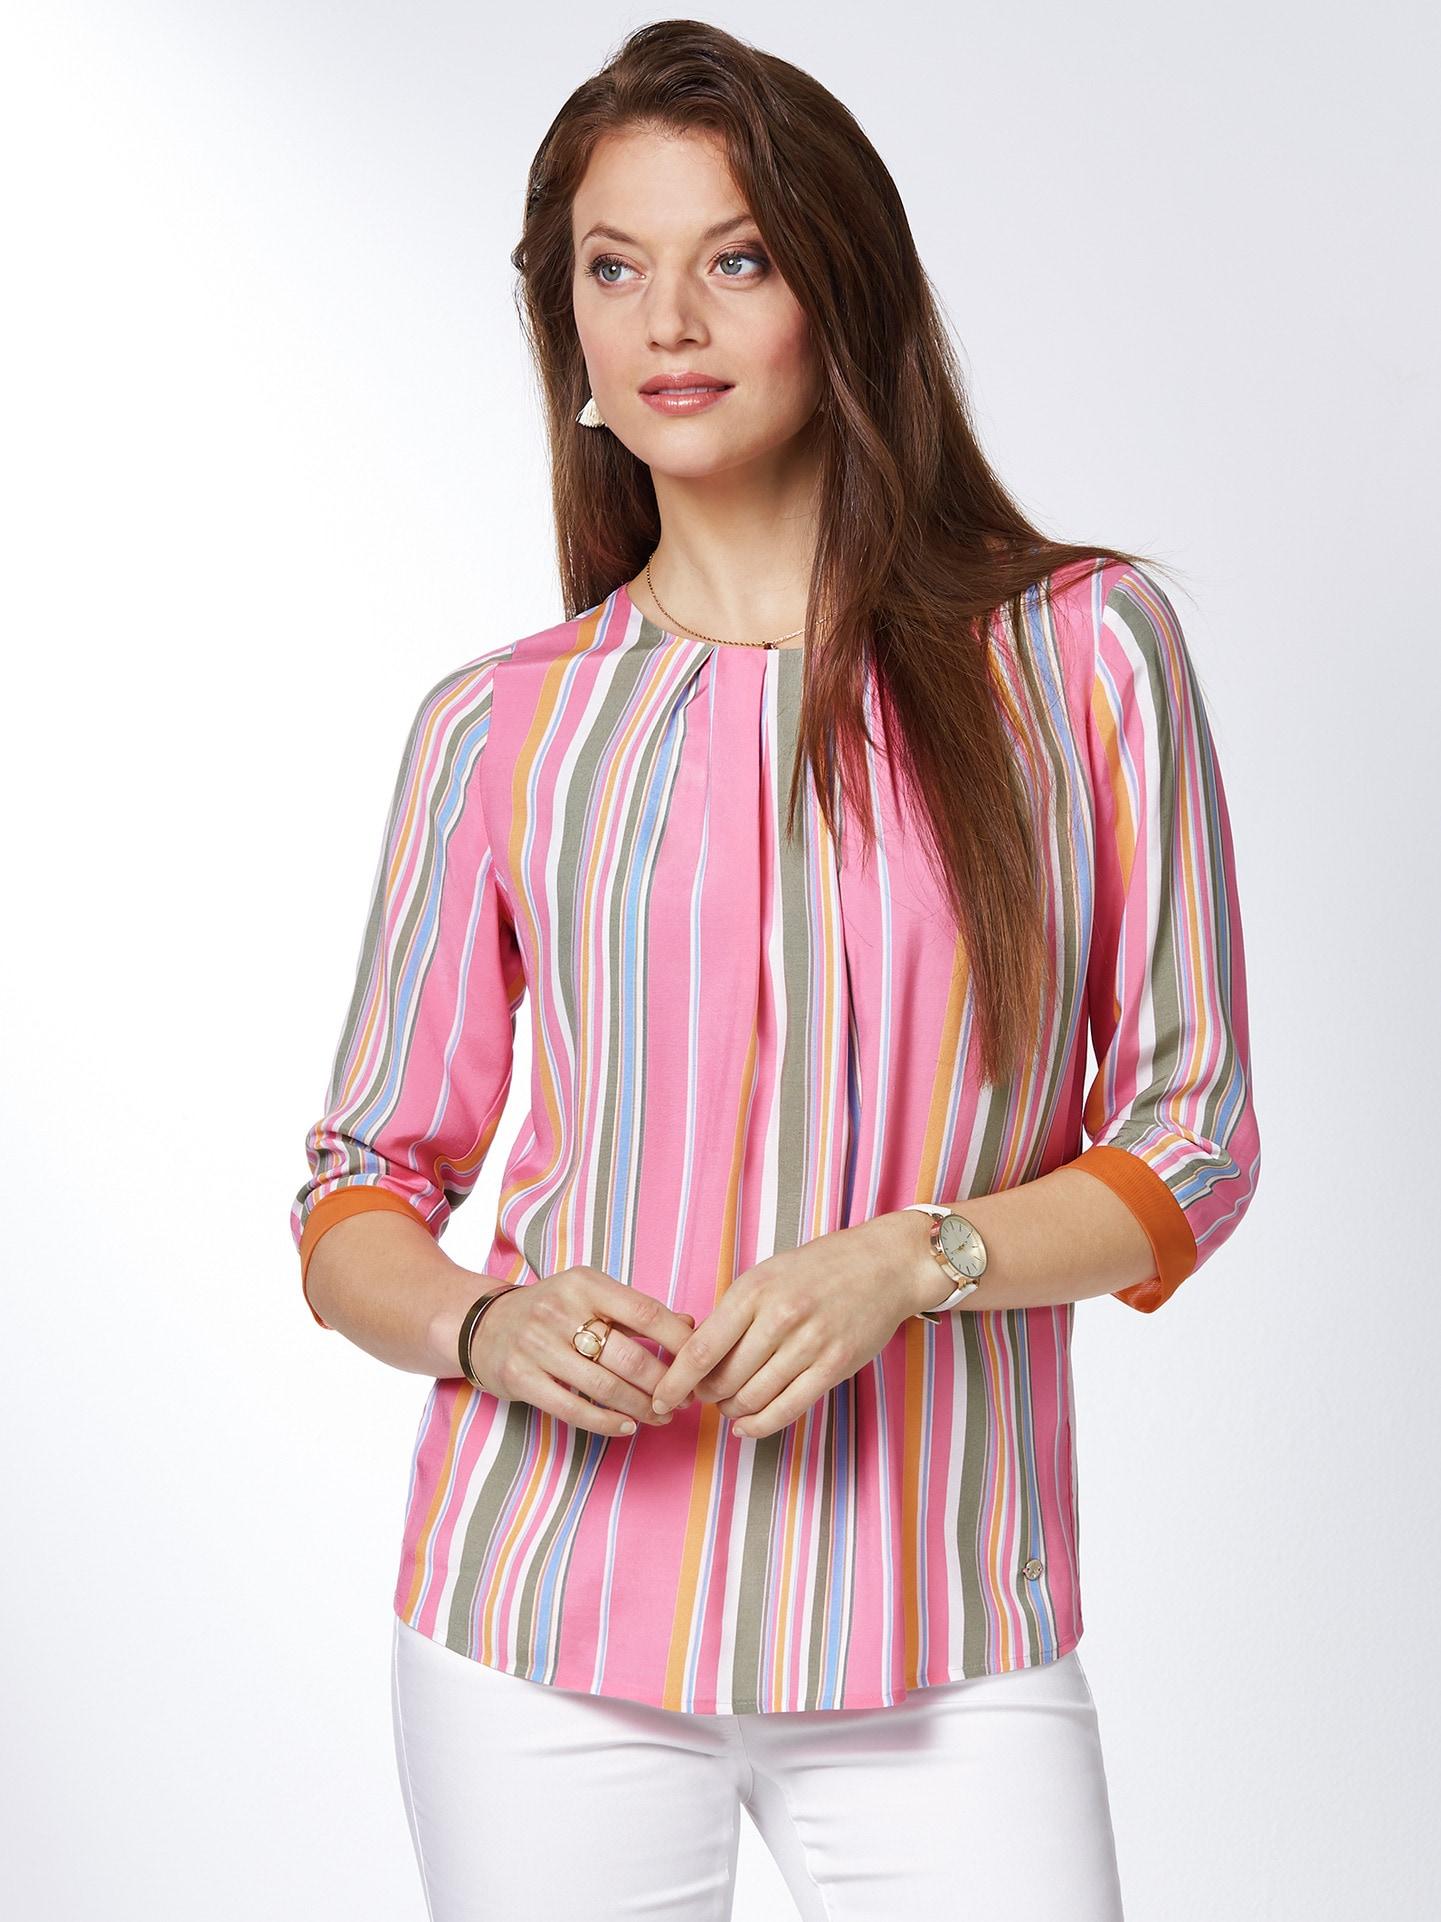 Walbusch Damen Blusenshirt normale Größen Orange gestreift 36, 38, 40, 42, 44, 46, 48, 50, 52 51-2835-0_MV36608